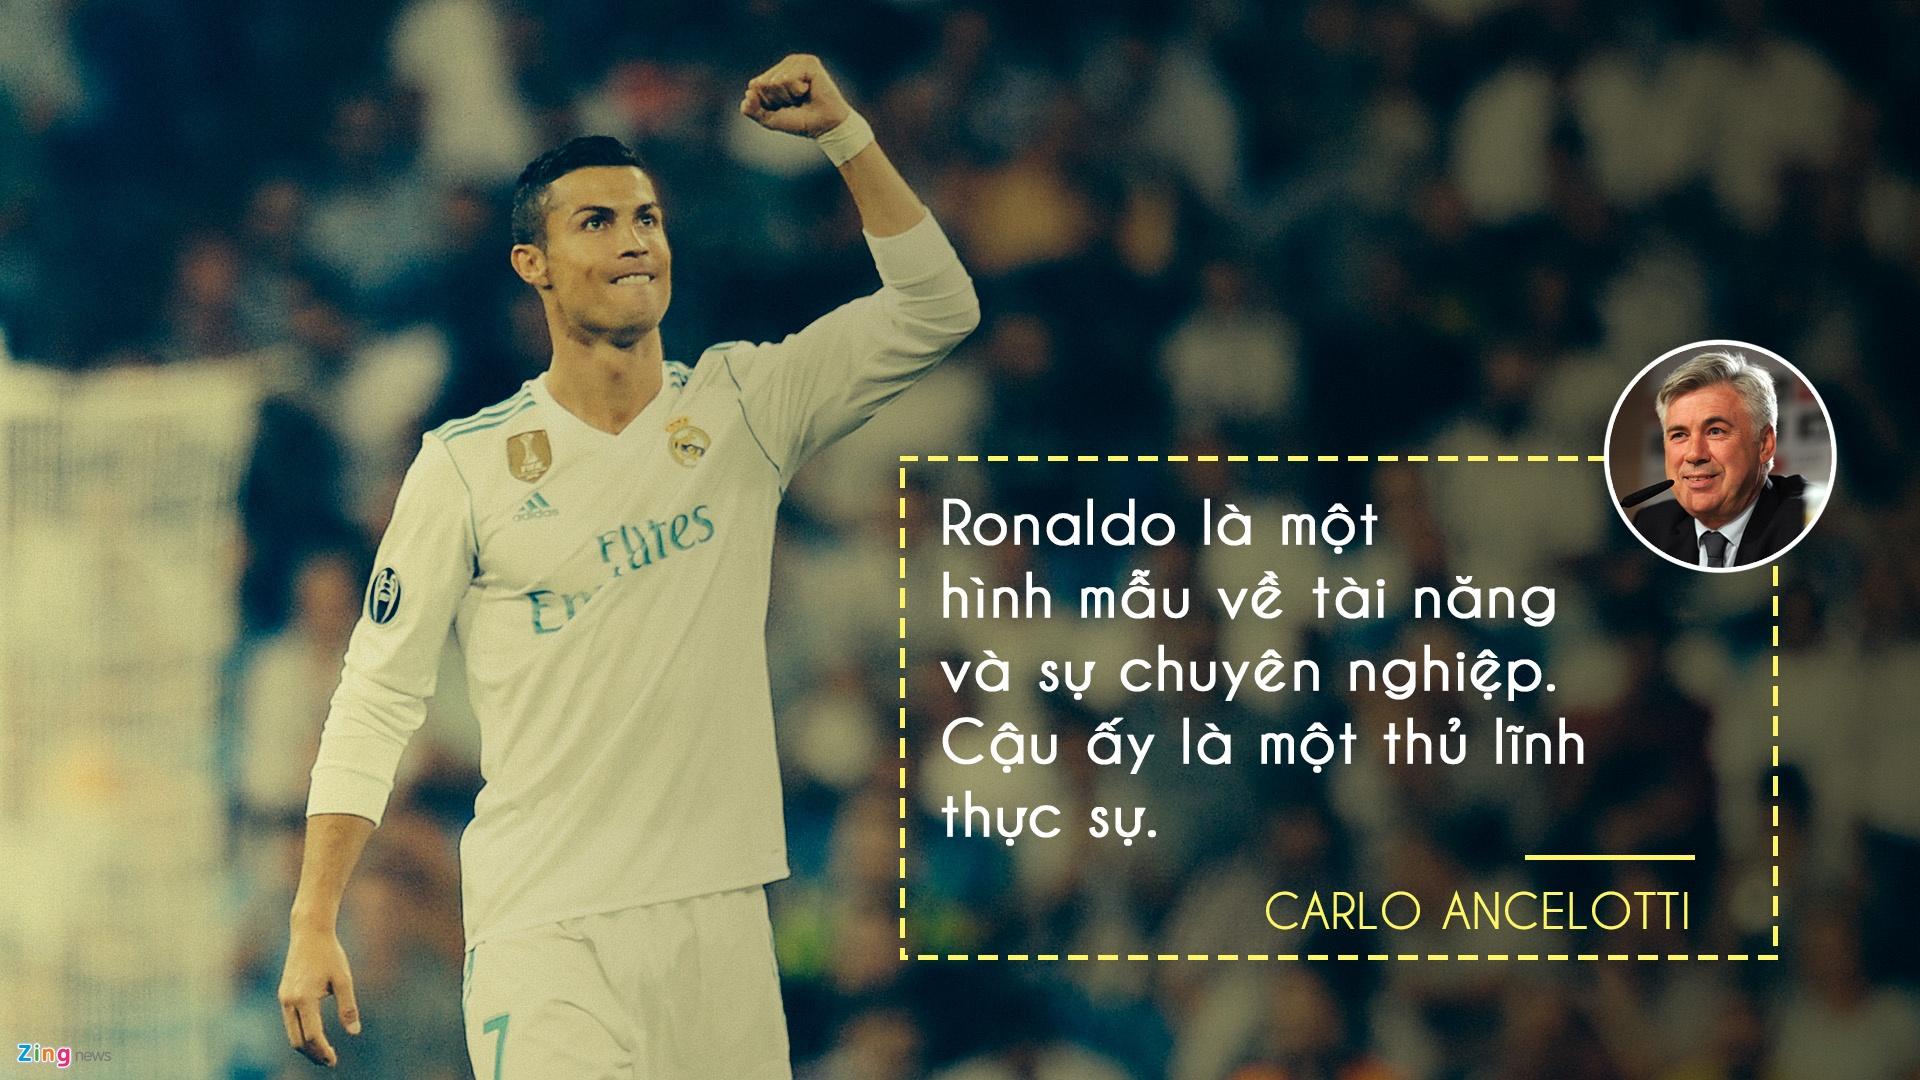 Nhung danh thu, huyen thoai bong da noi gi ve Ronaldo? hinh anh 1